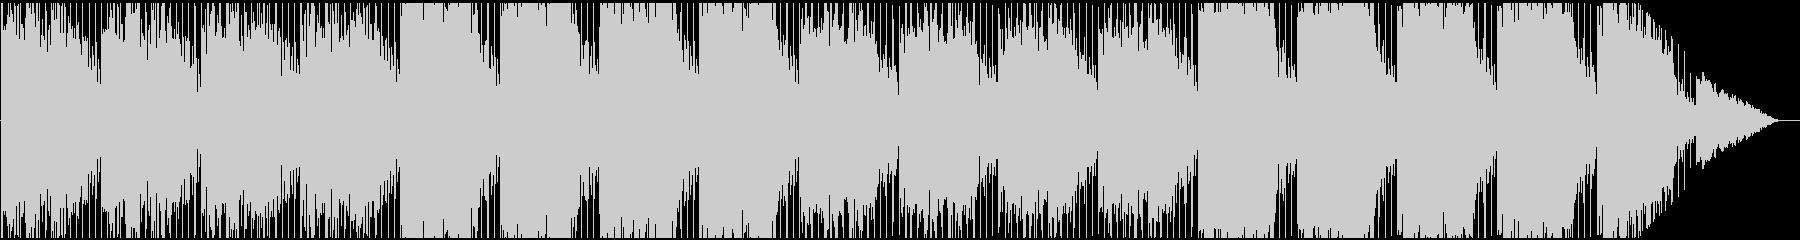 Fantastic and sparkling BGM's unreproduced waveform